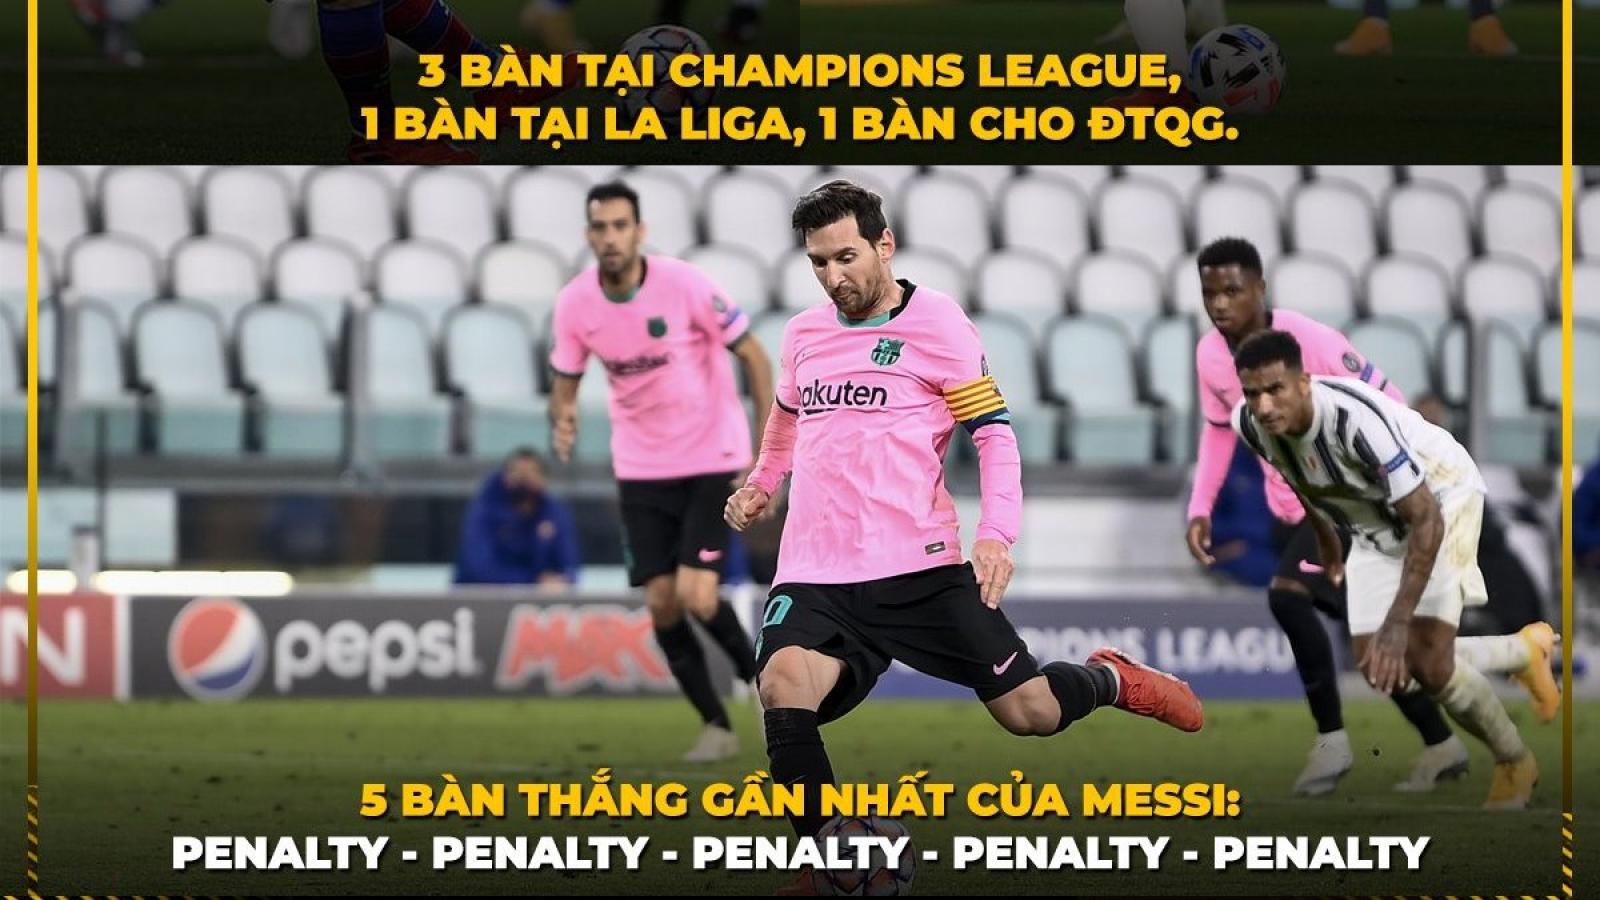 """Biếm họa 24h: Messi thành """"thánh đá penalty"""", MU phát minh ra chiến thuật mới"""